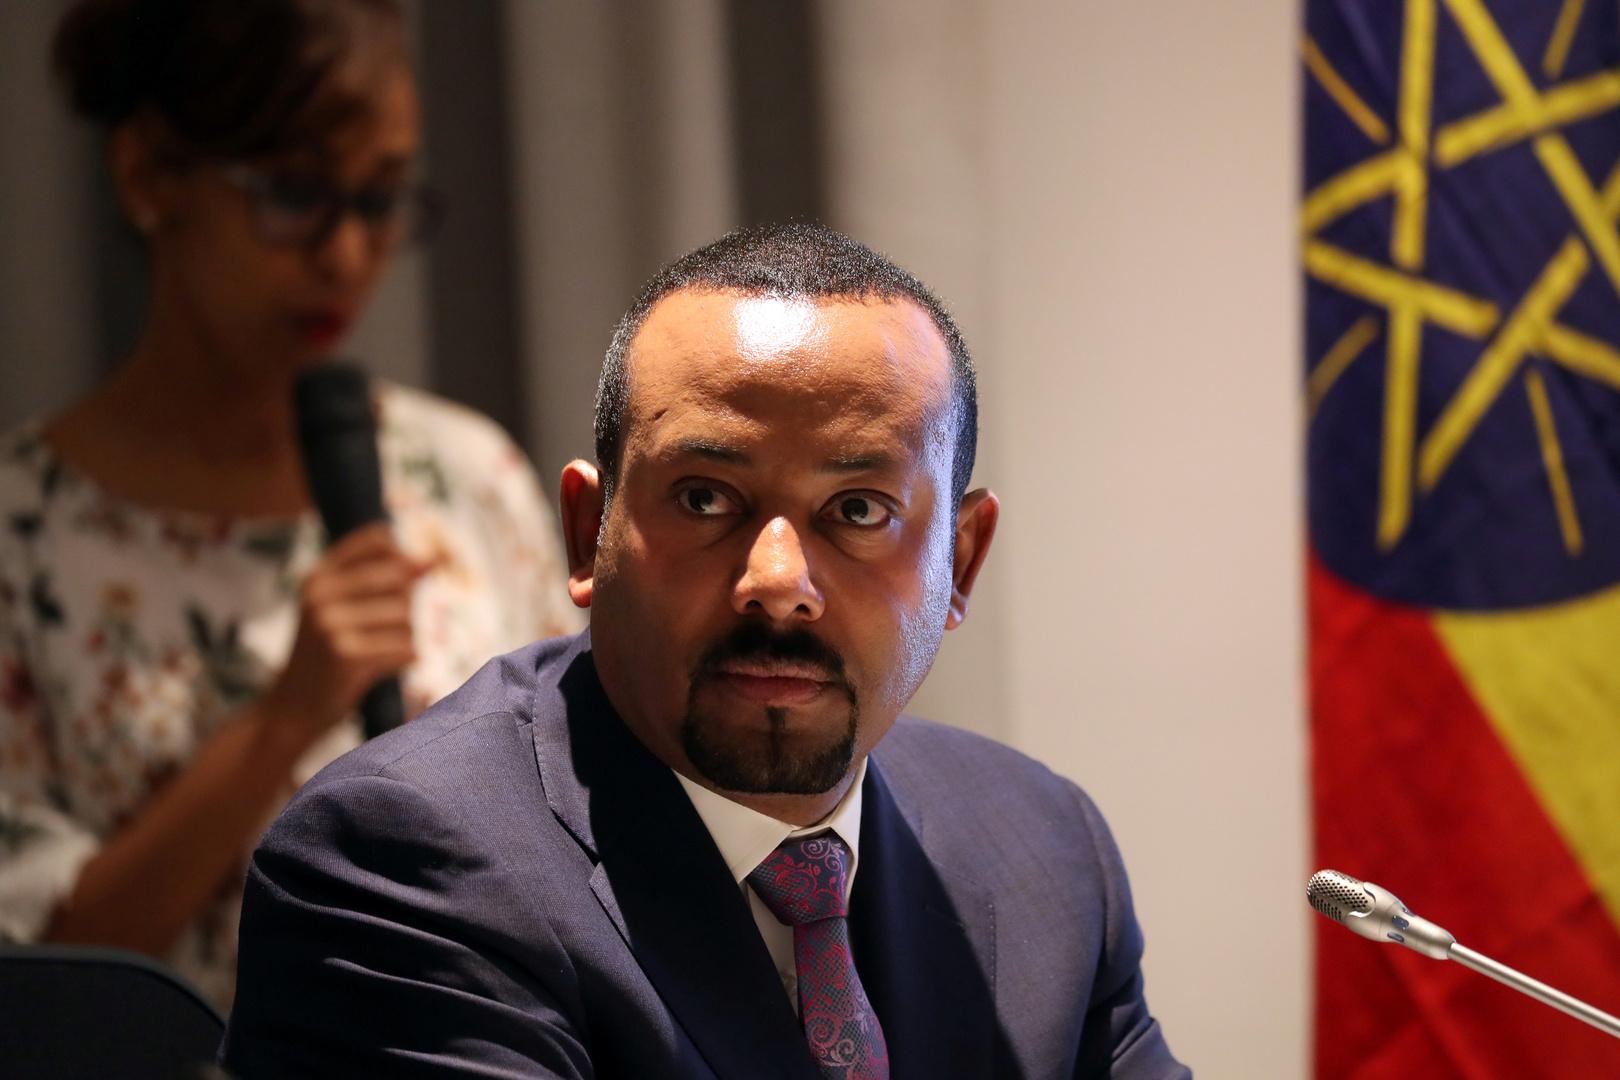 رئيس الوزراء الإثيوبي يوجه رسالة لشعبه بعد إعلان ملء سد النهضة